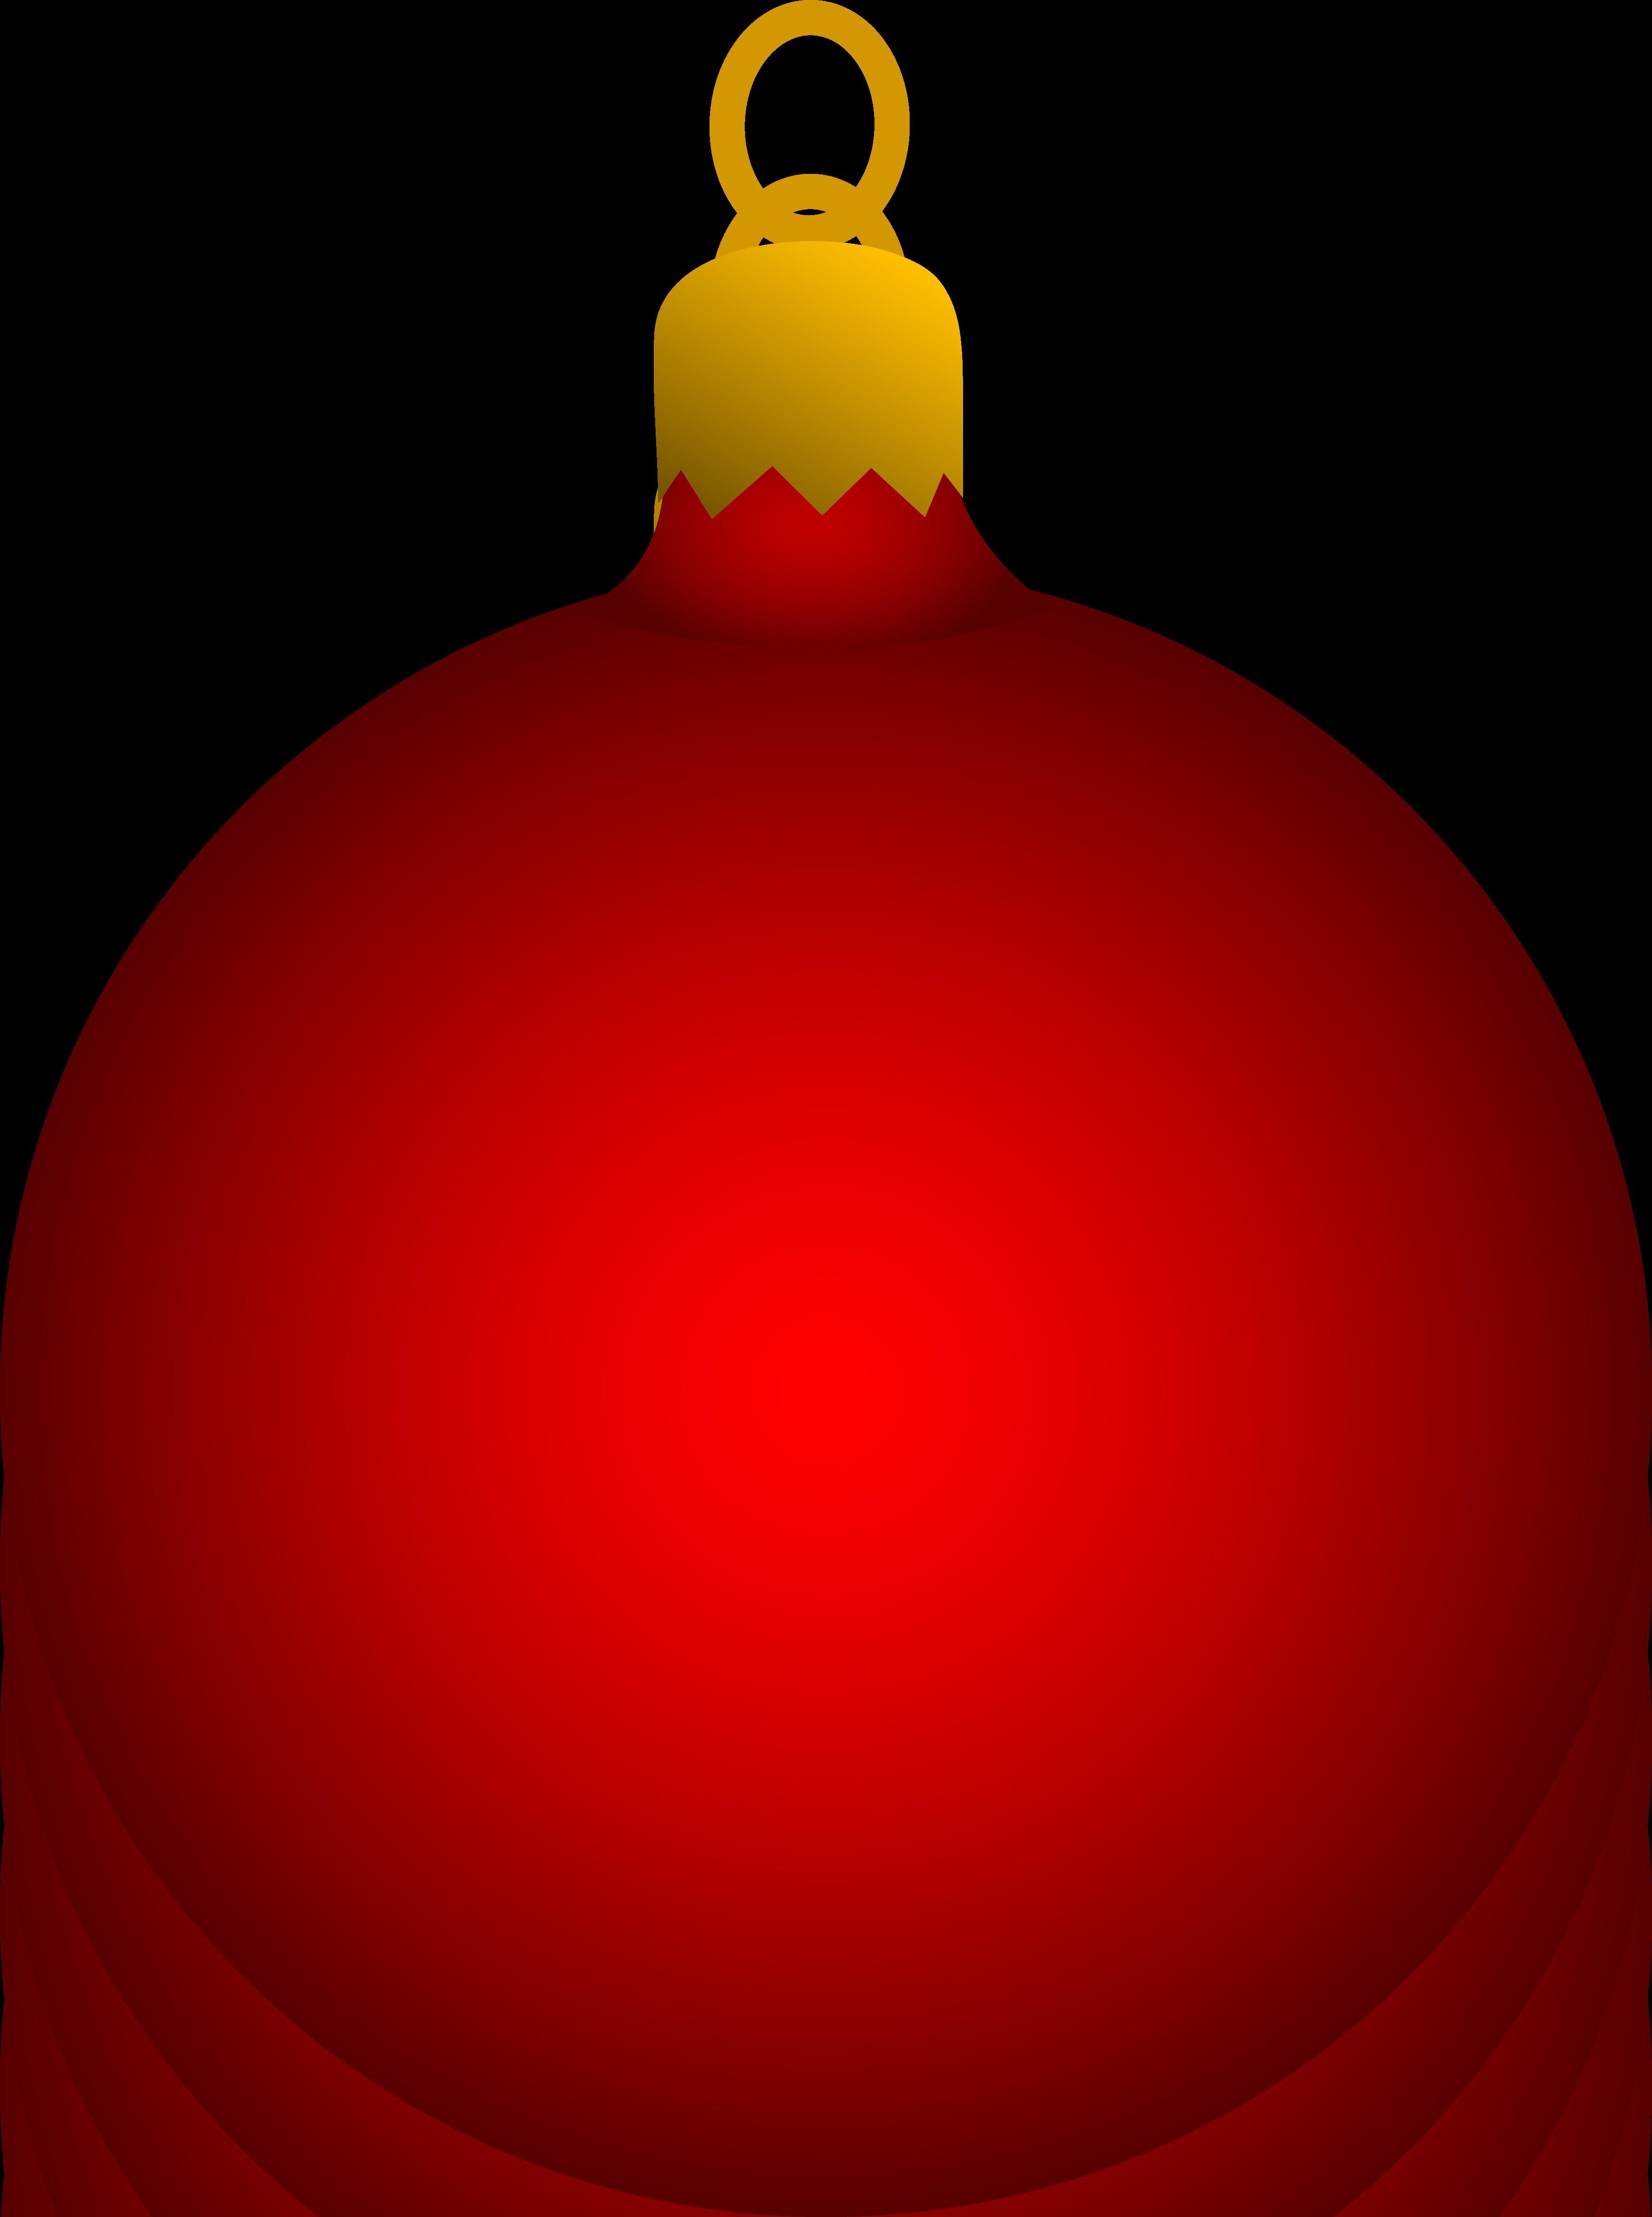 Ornament Clipart-ornament clipart-12